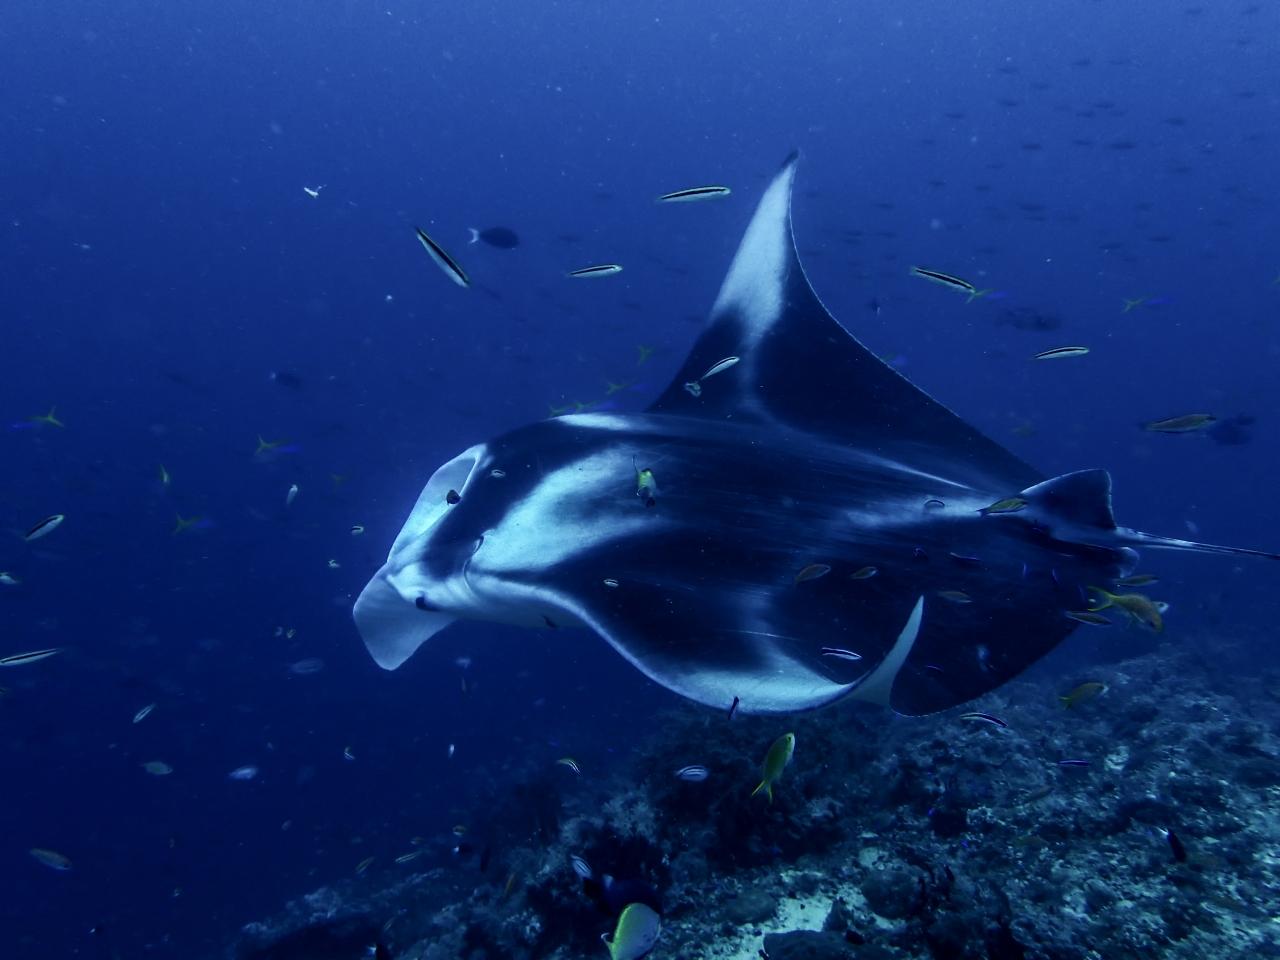 Diving the Pristine Depths of RajaAmpat